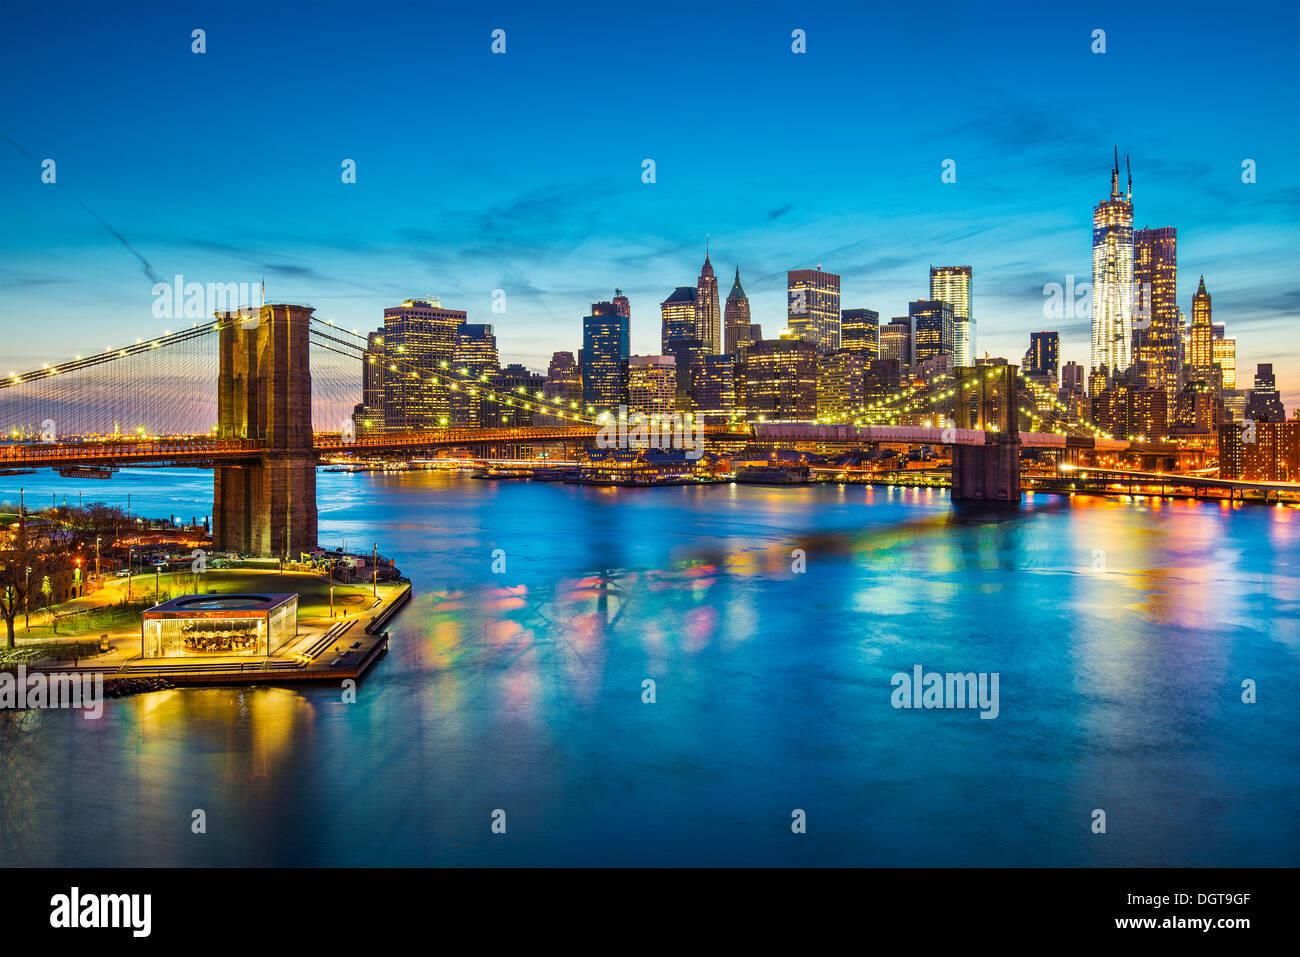 Famosa vista della città di New York su East River verso il quartiere finanziario nel distretto di Manhattan. Immagini Stock